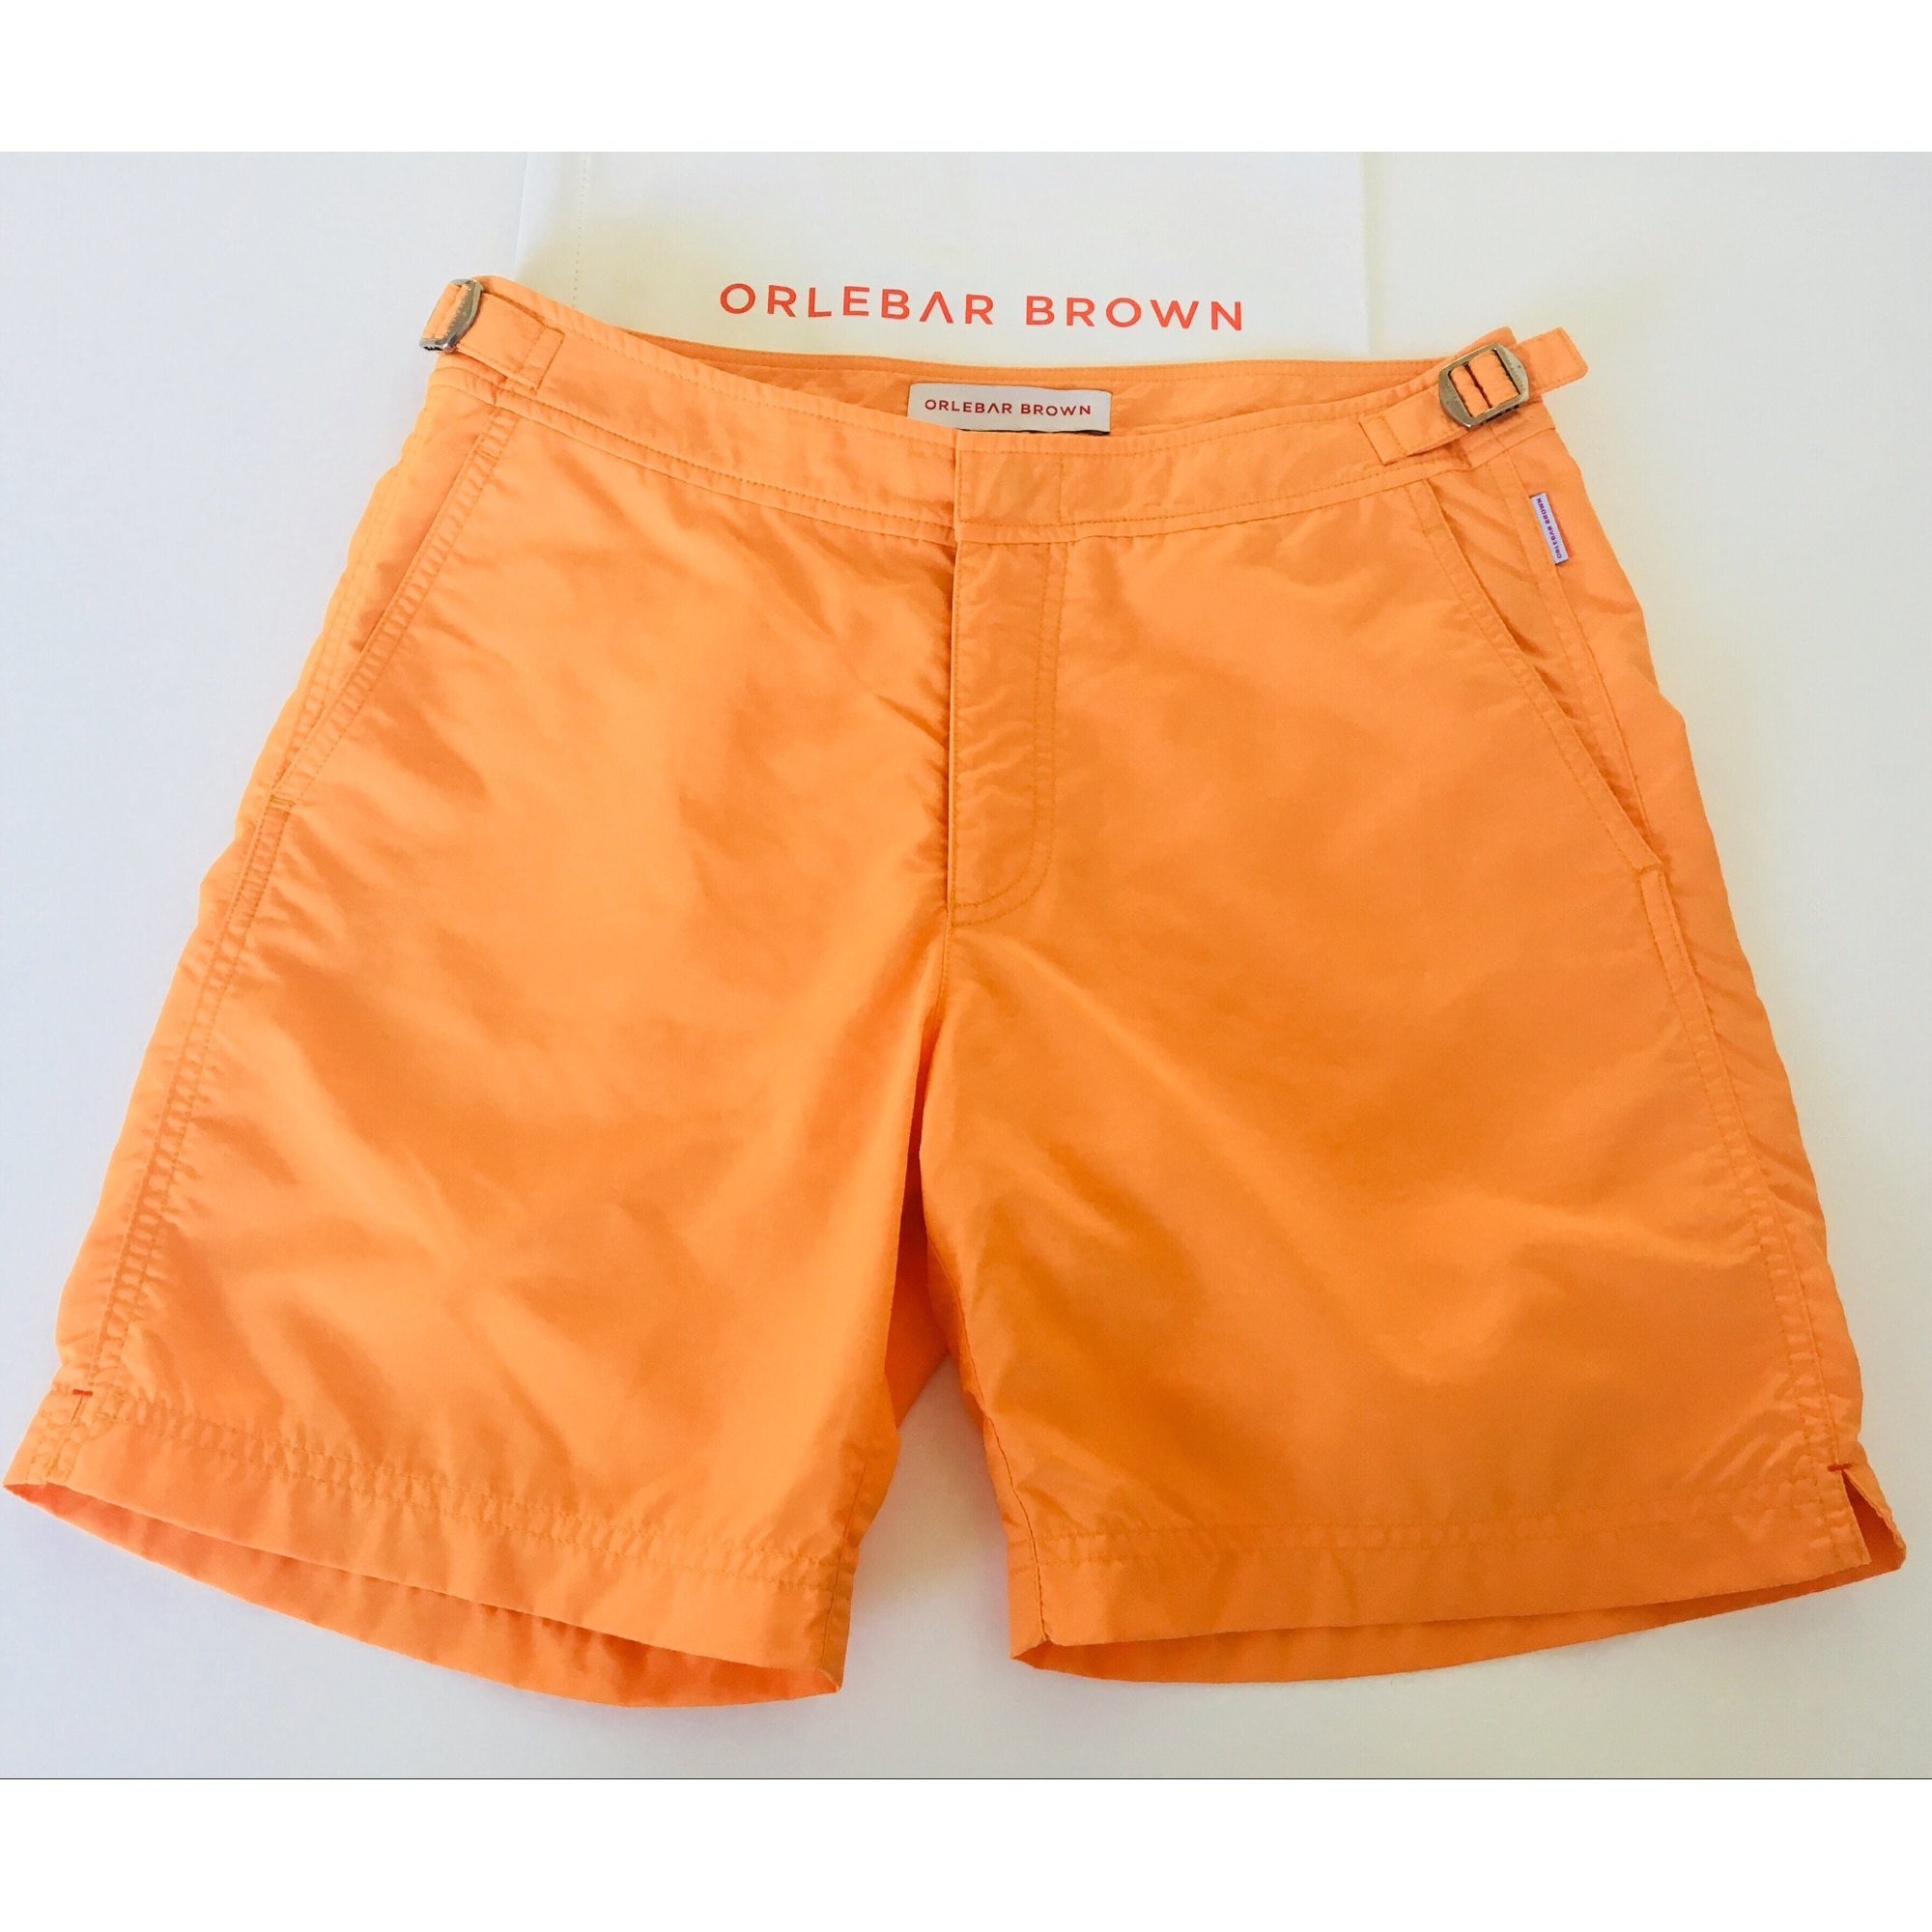 Short ORLEBAR BROWN Orange